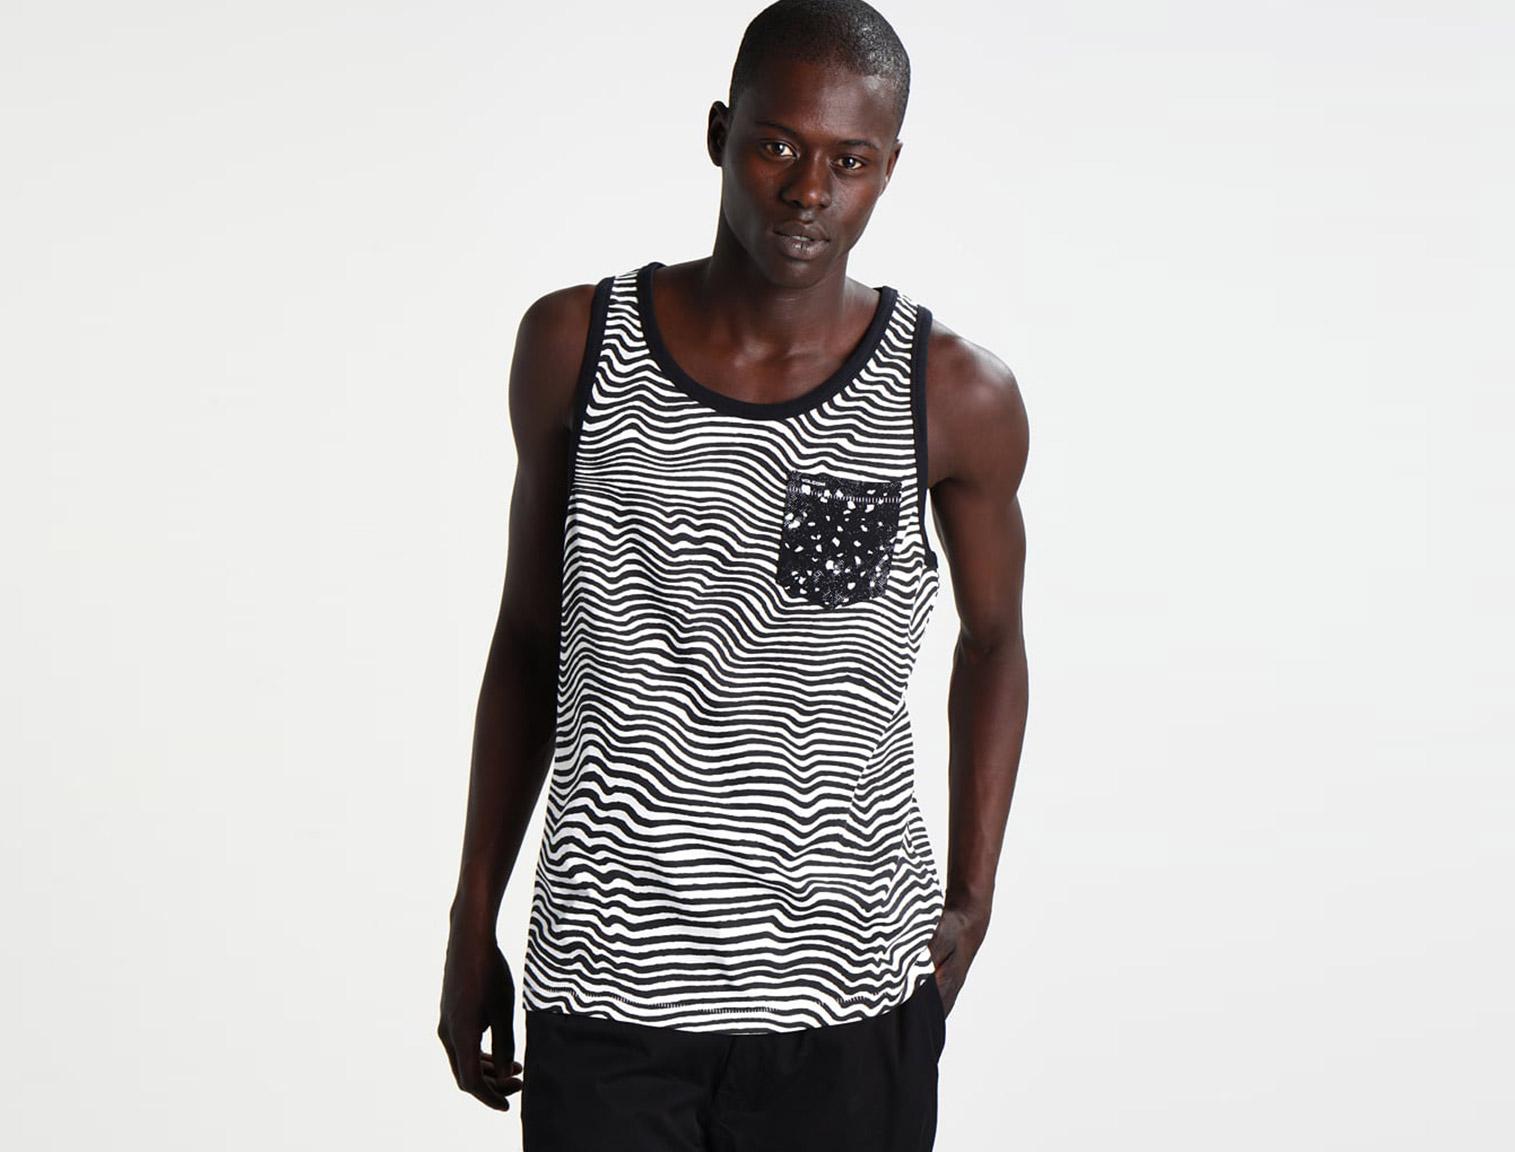 03f74f0f68 Hombre con camiseta con animal print de zebra